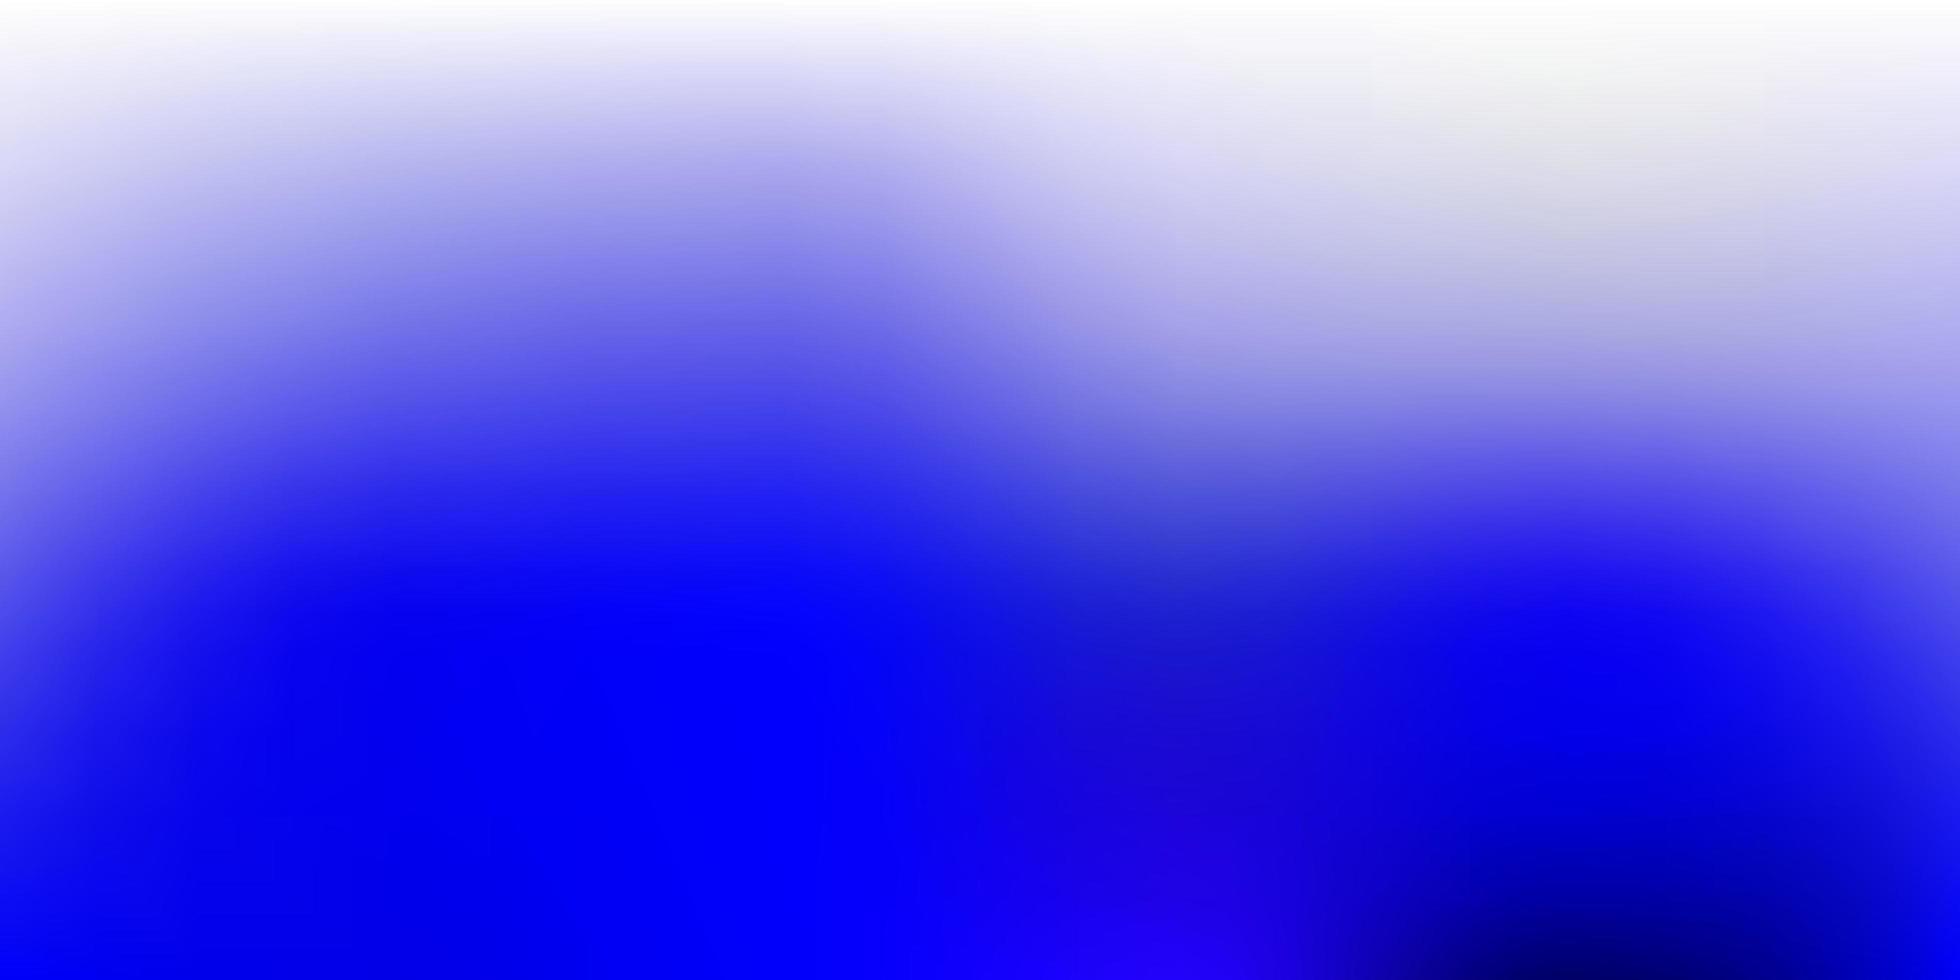 Fondo de desenfoque de vector azul oscuro.